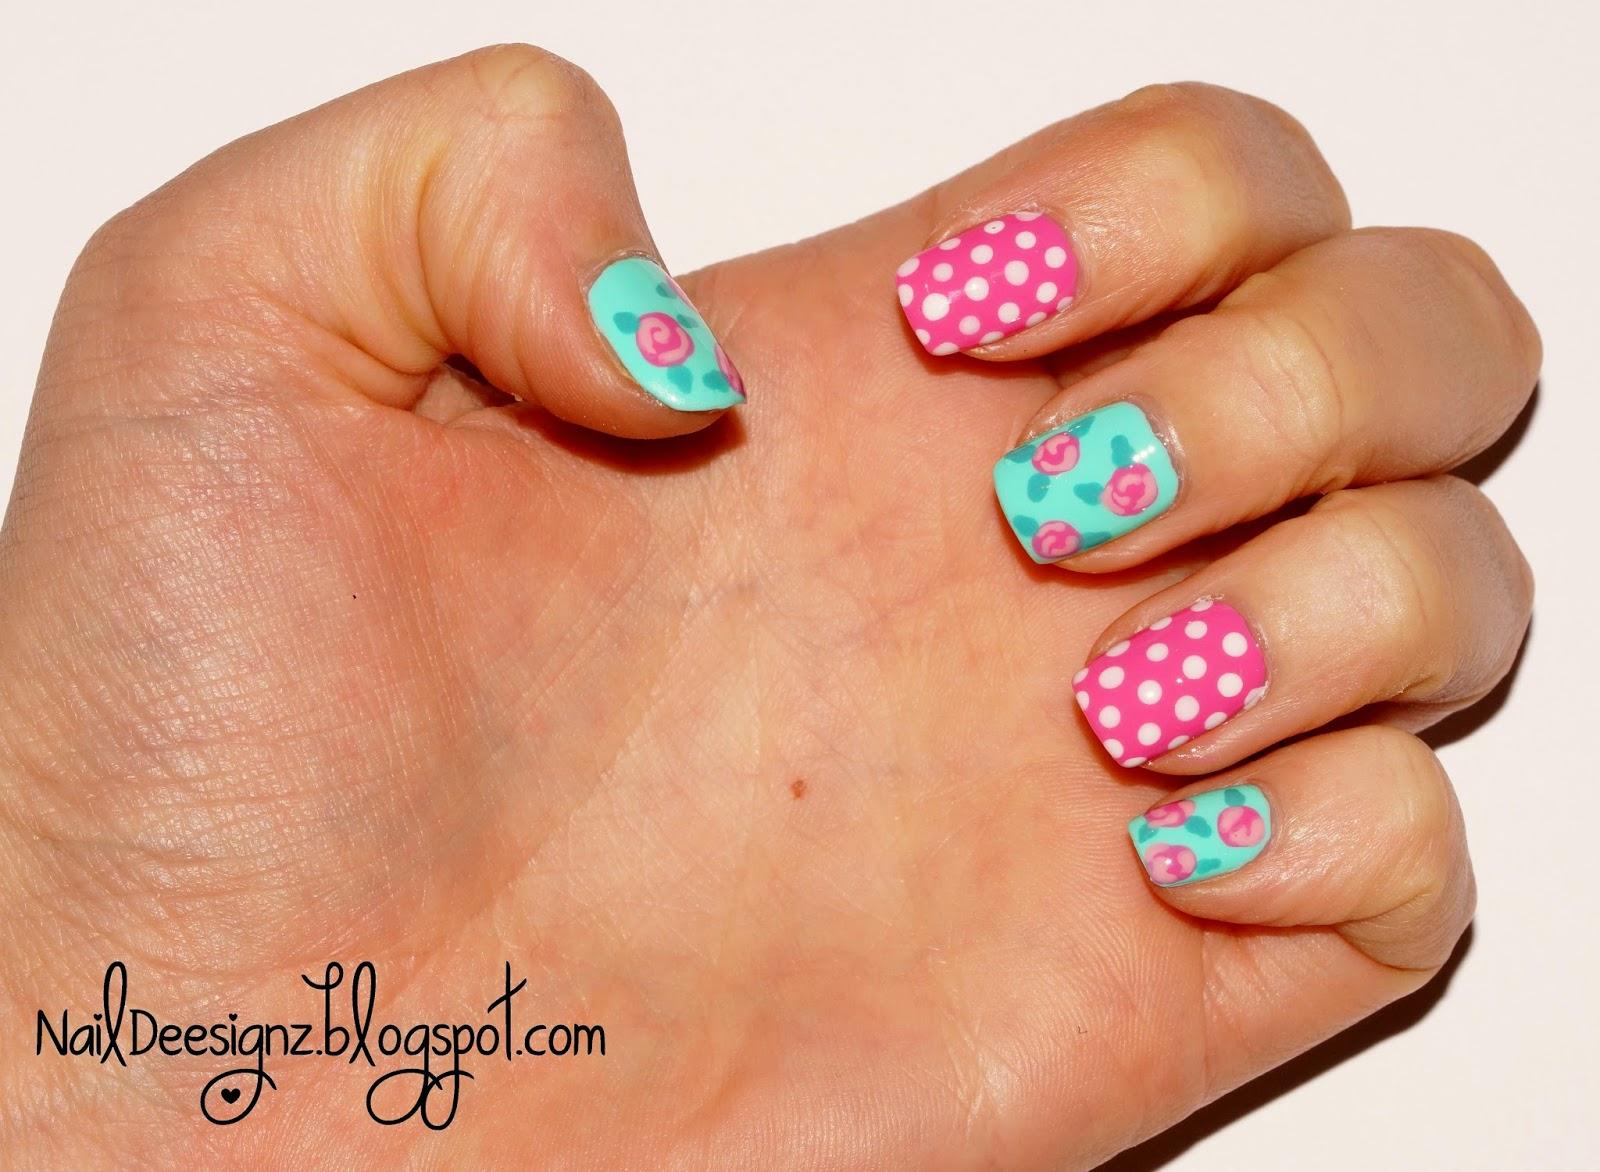 Naildeesignz Shabby Chic Nail Art